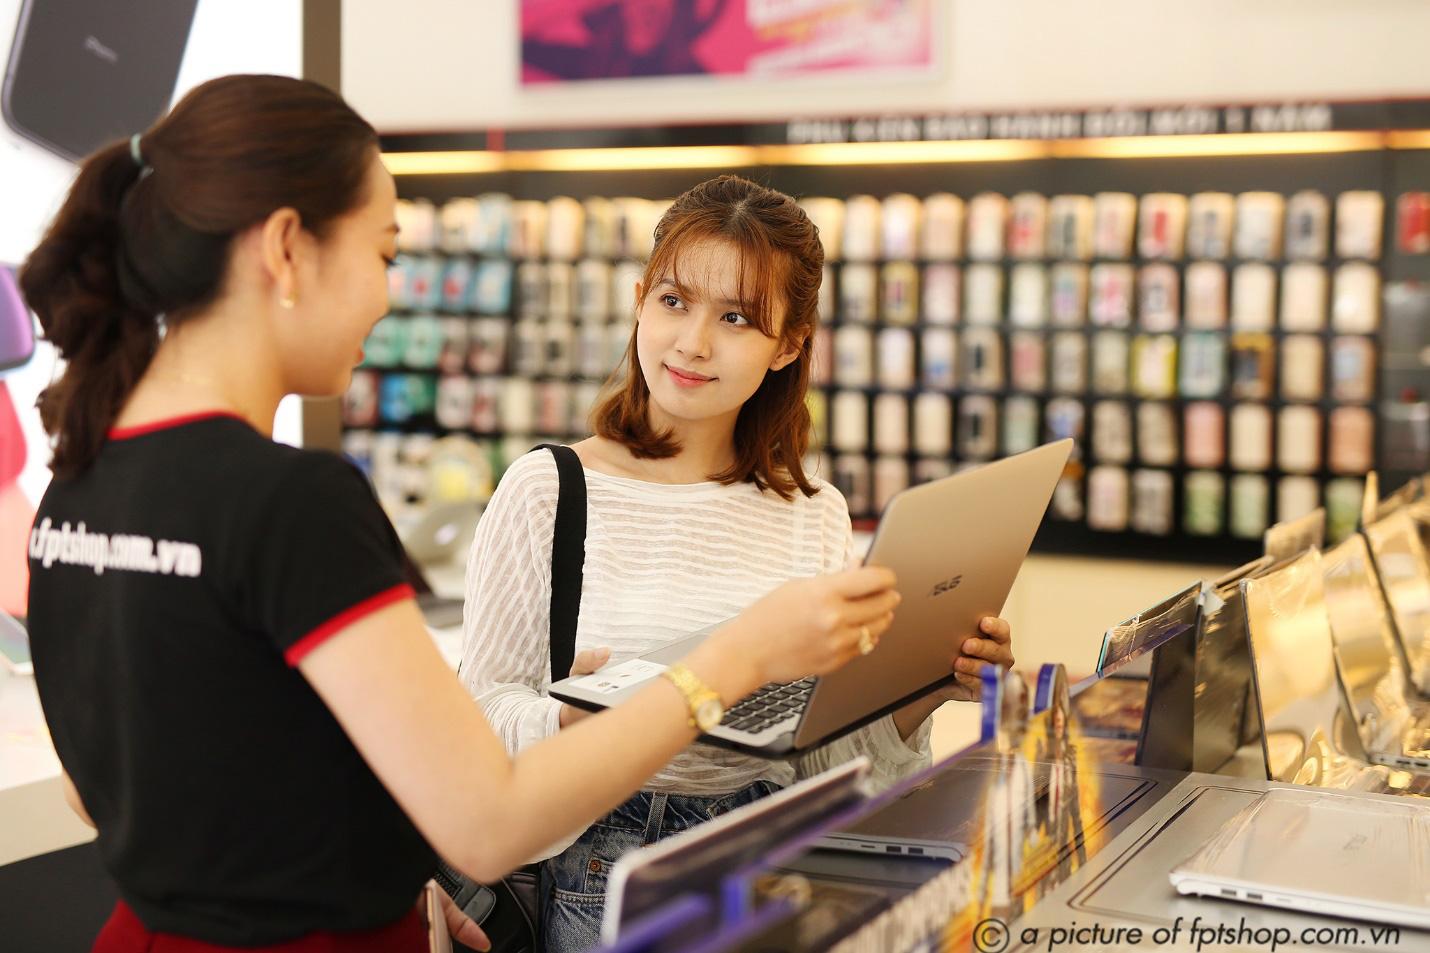 FPT Shop giảm đến 3 triệu, giao hàng miễn phí tận nhà cho khách hàng mua laptop - Ảnh 2.